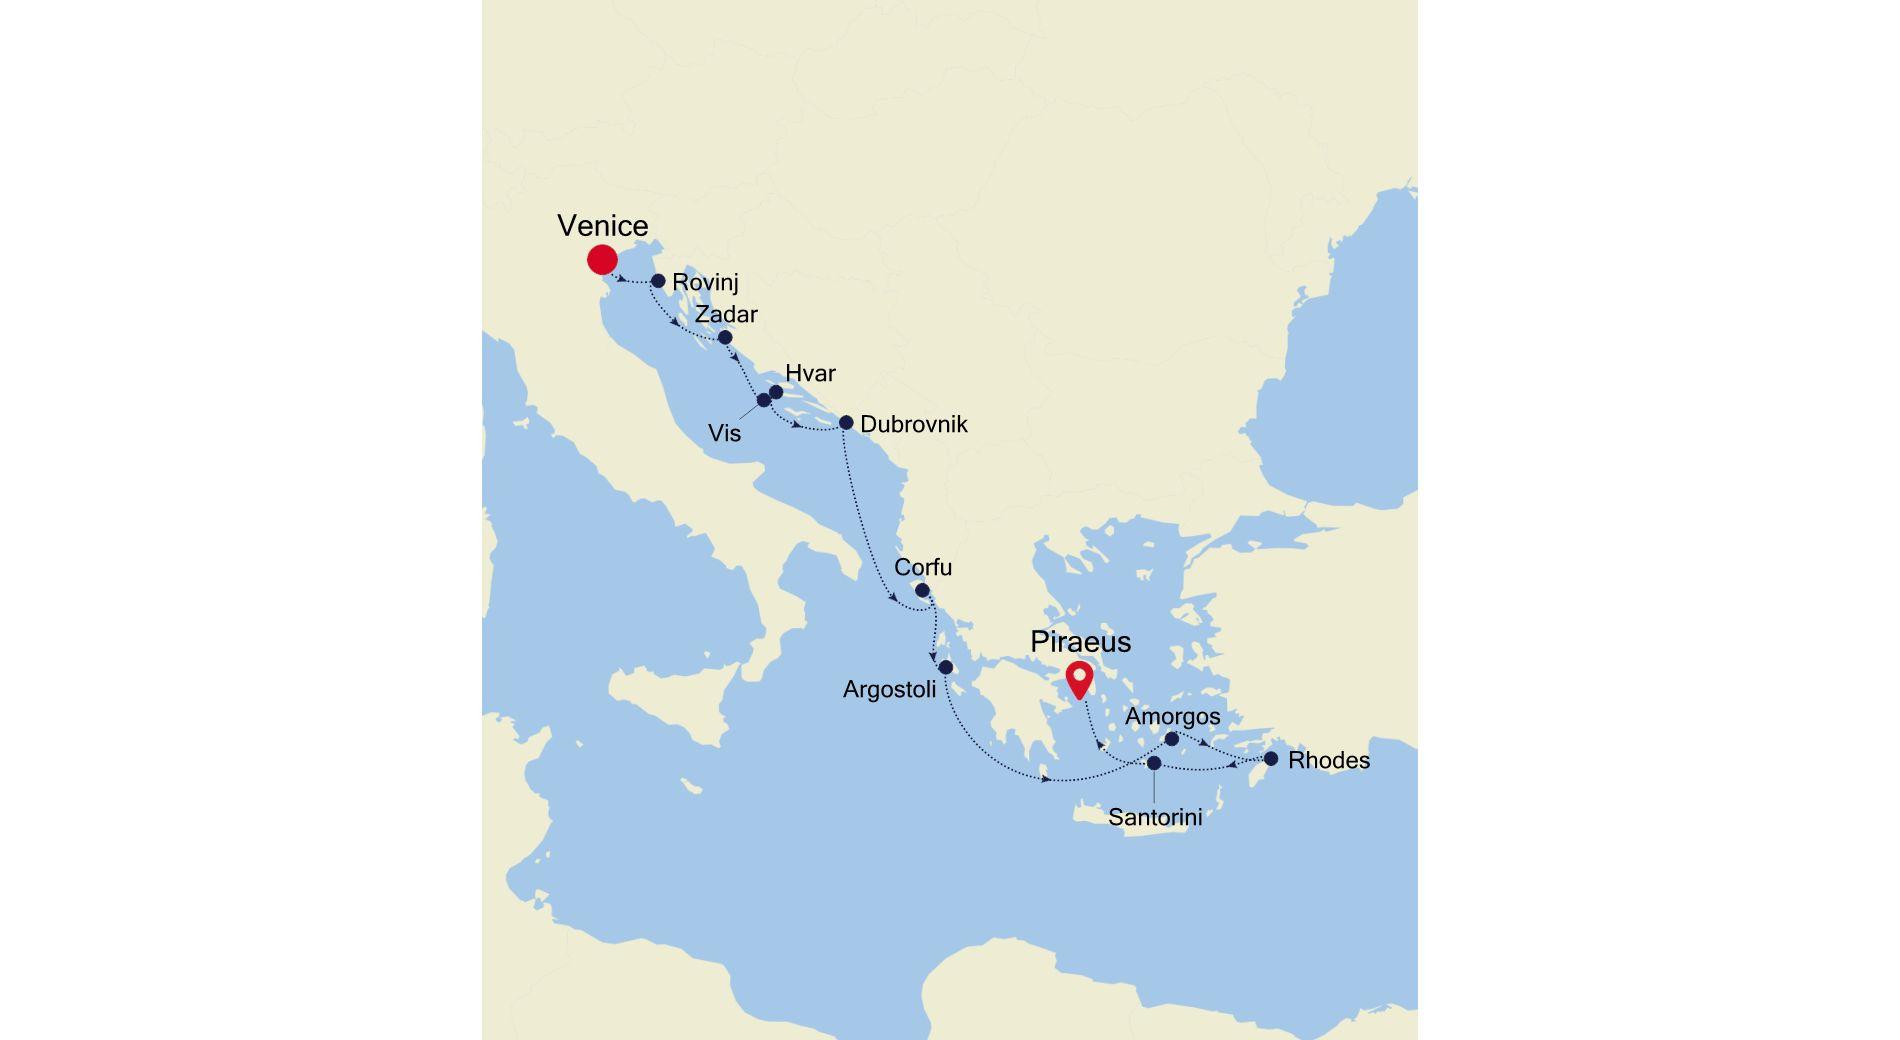 SS210806010 - Venice to Piraeus